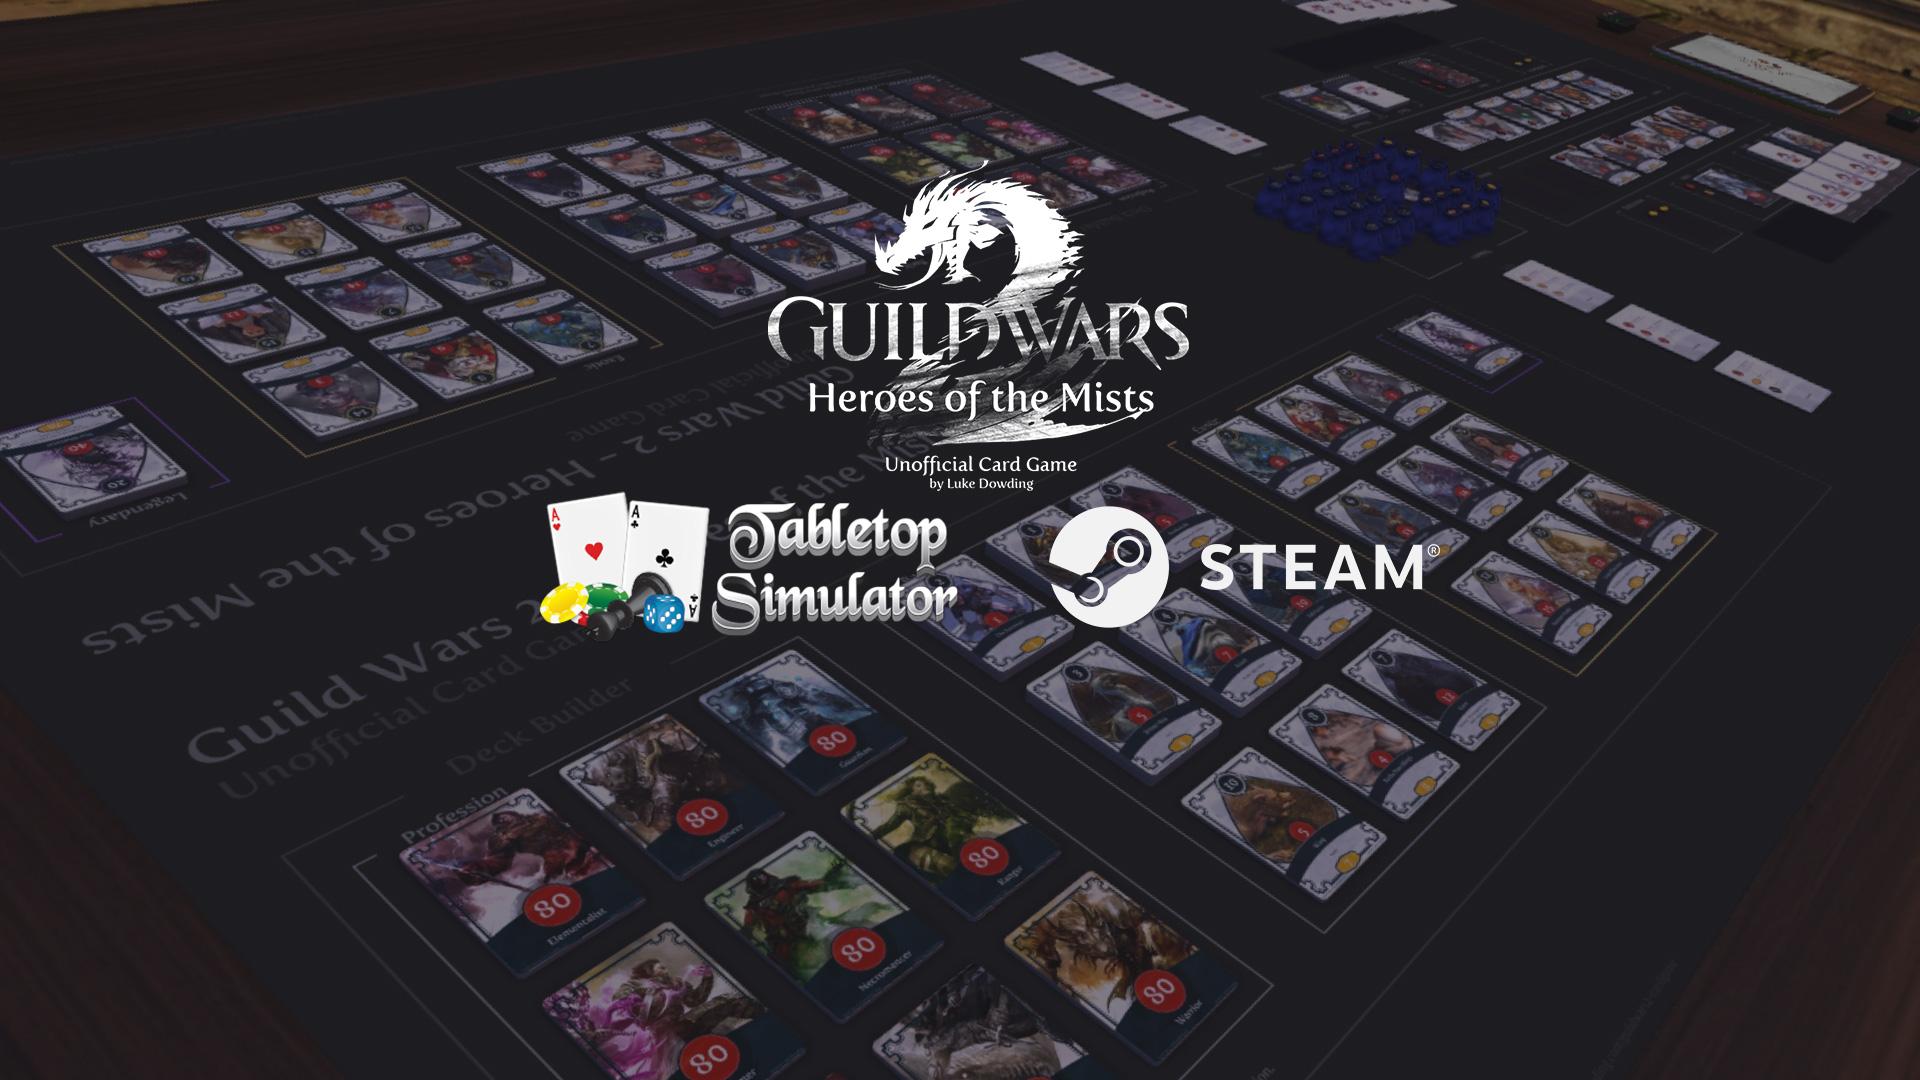 Guild wars 2 Tabletop simulator